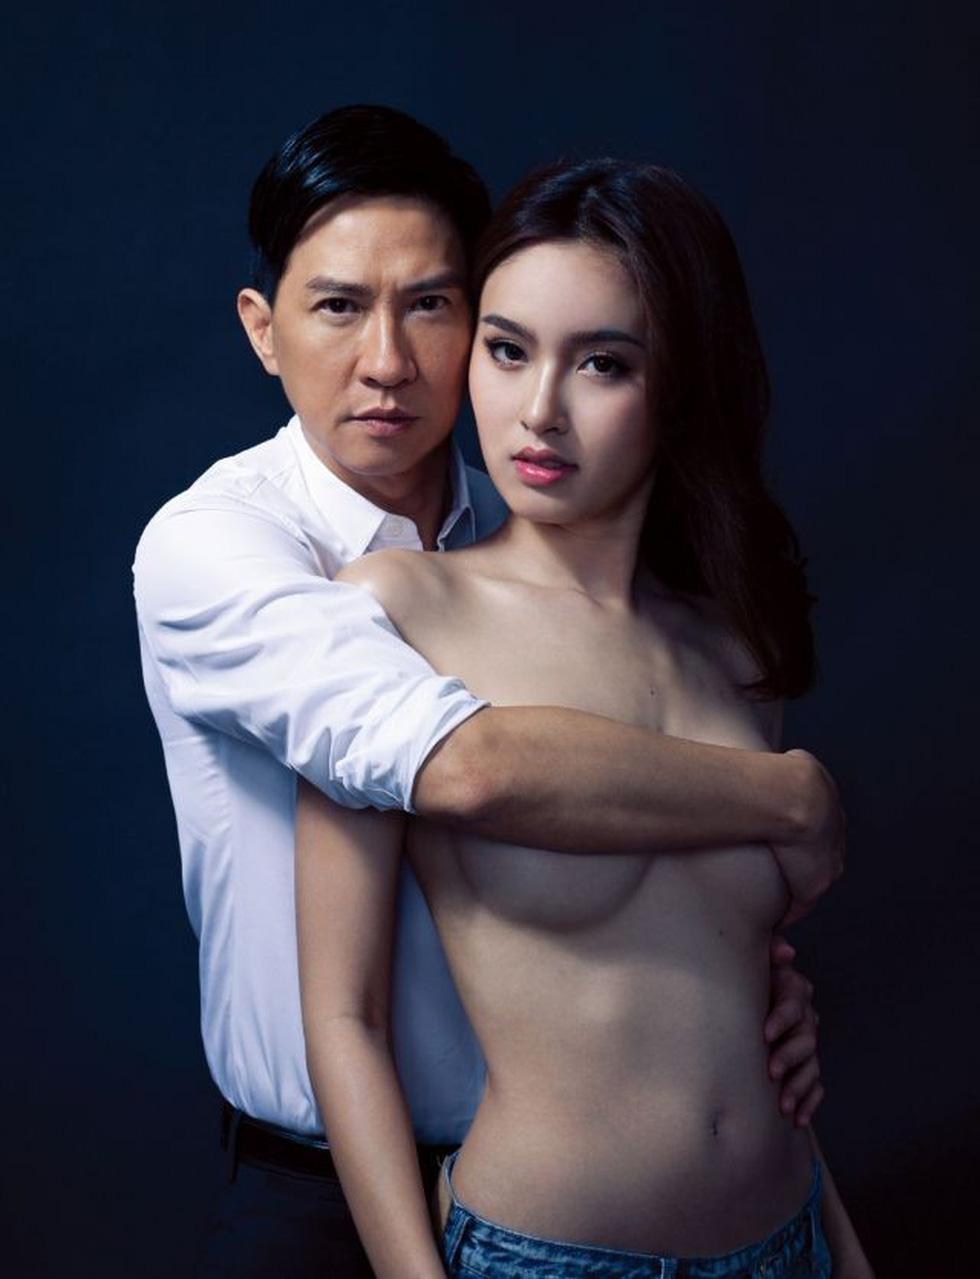 Nhan sắc hút hồn của mỹ nhân chuyển giới đẹp nhất Thái Lan - Ảnh 4.